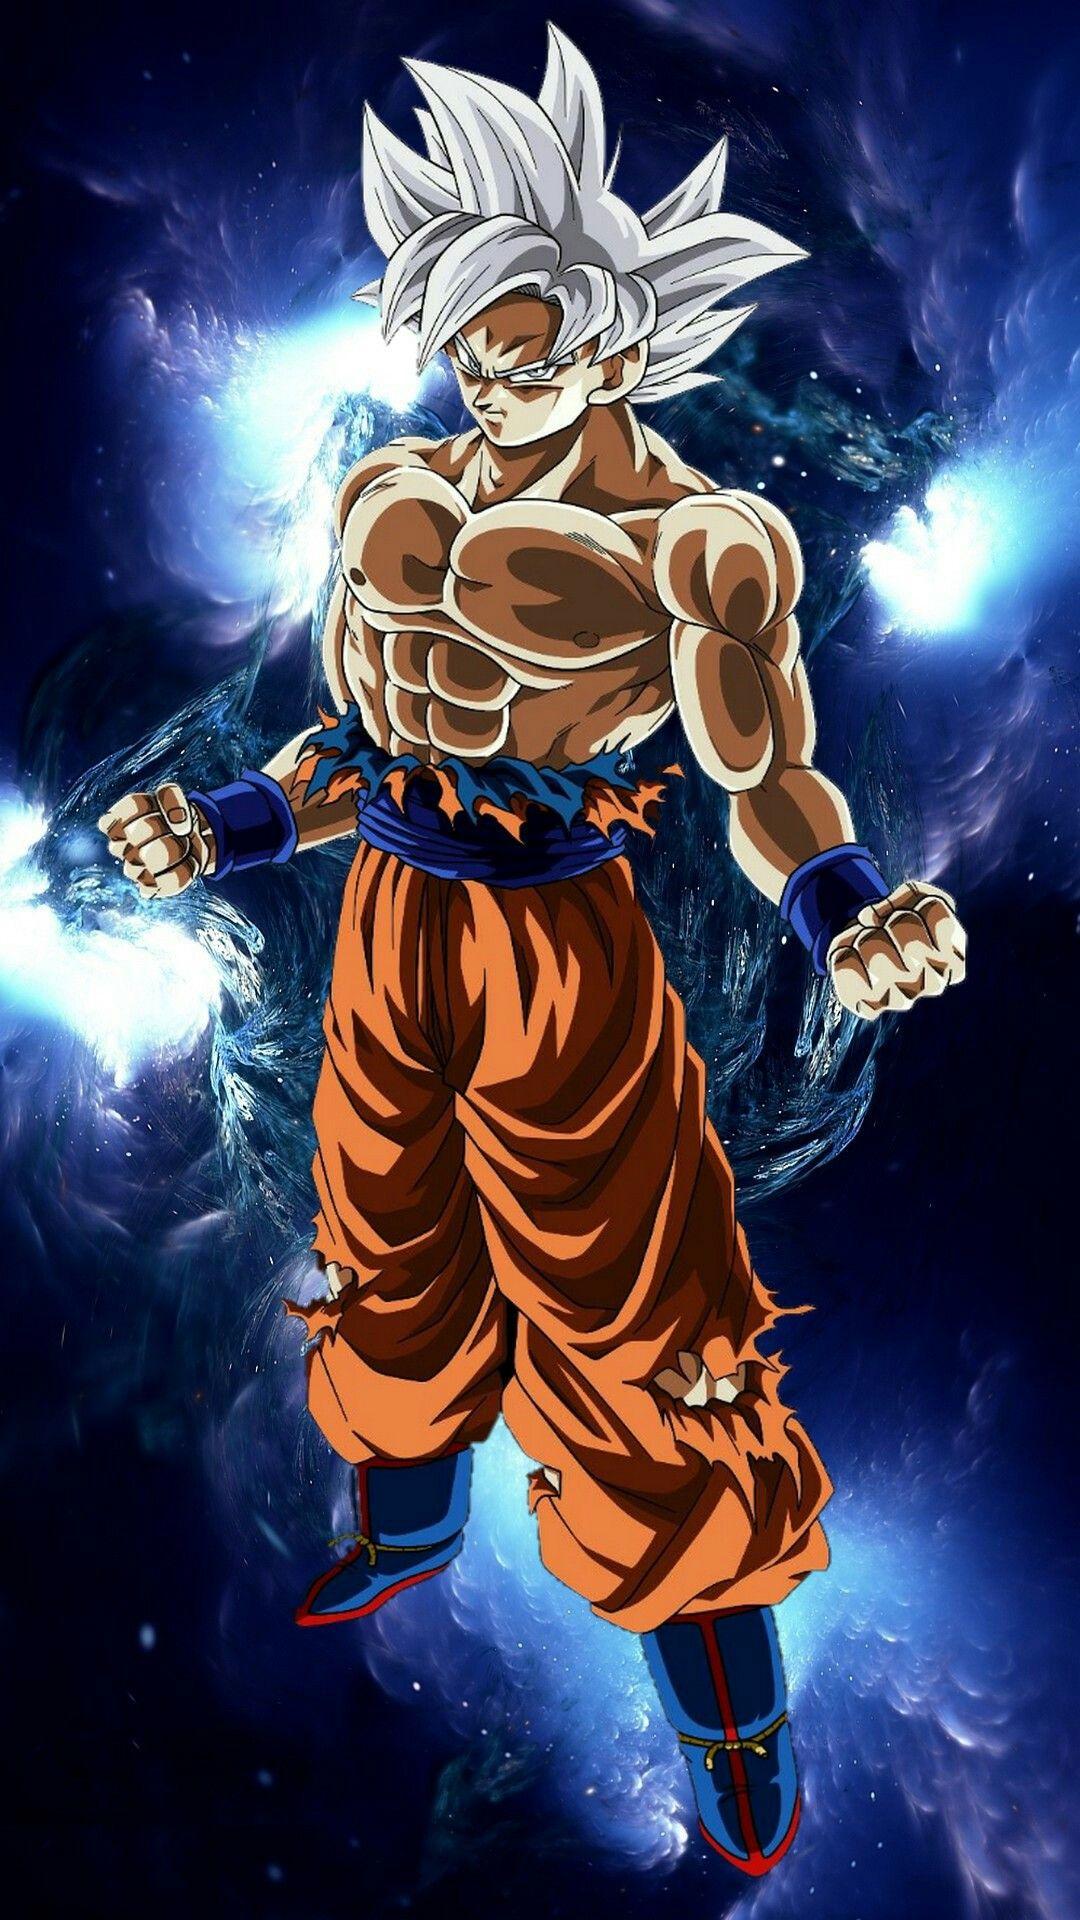 Goku complete ultra instinct